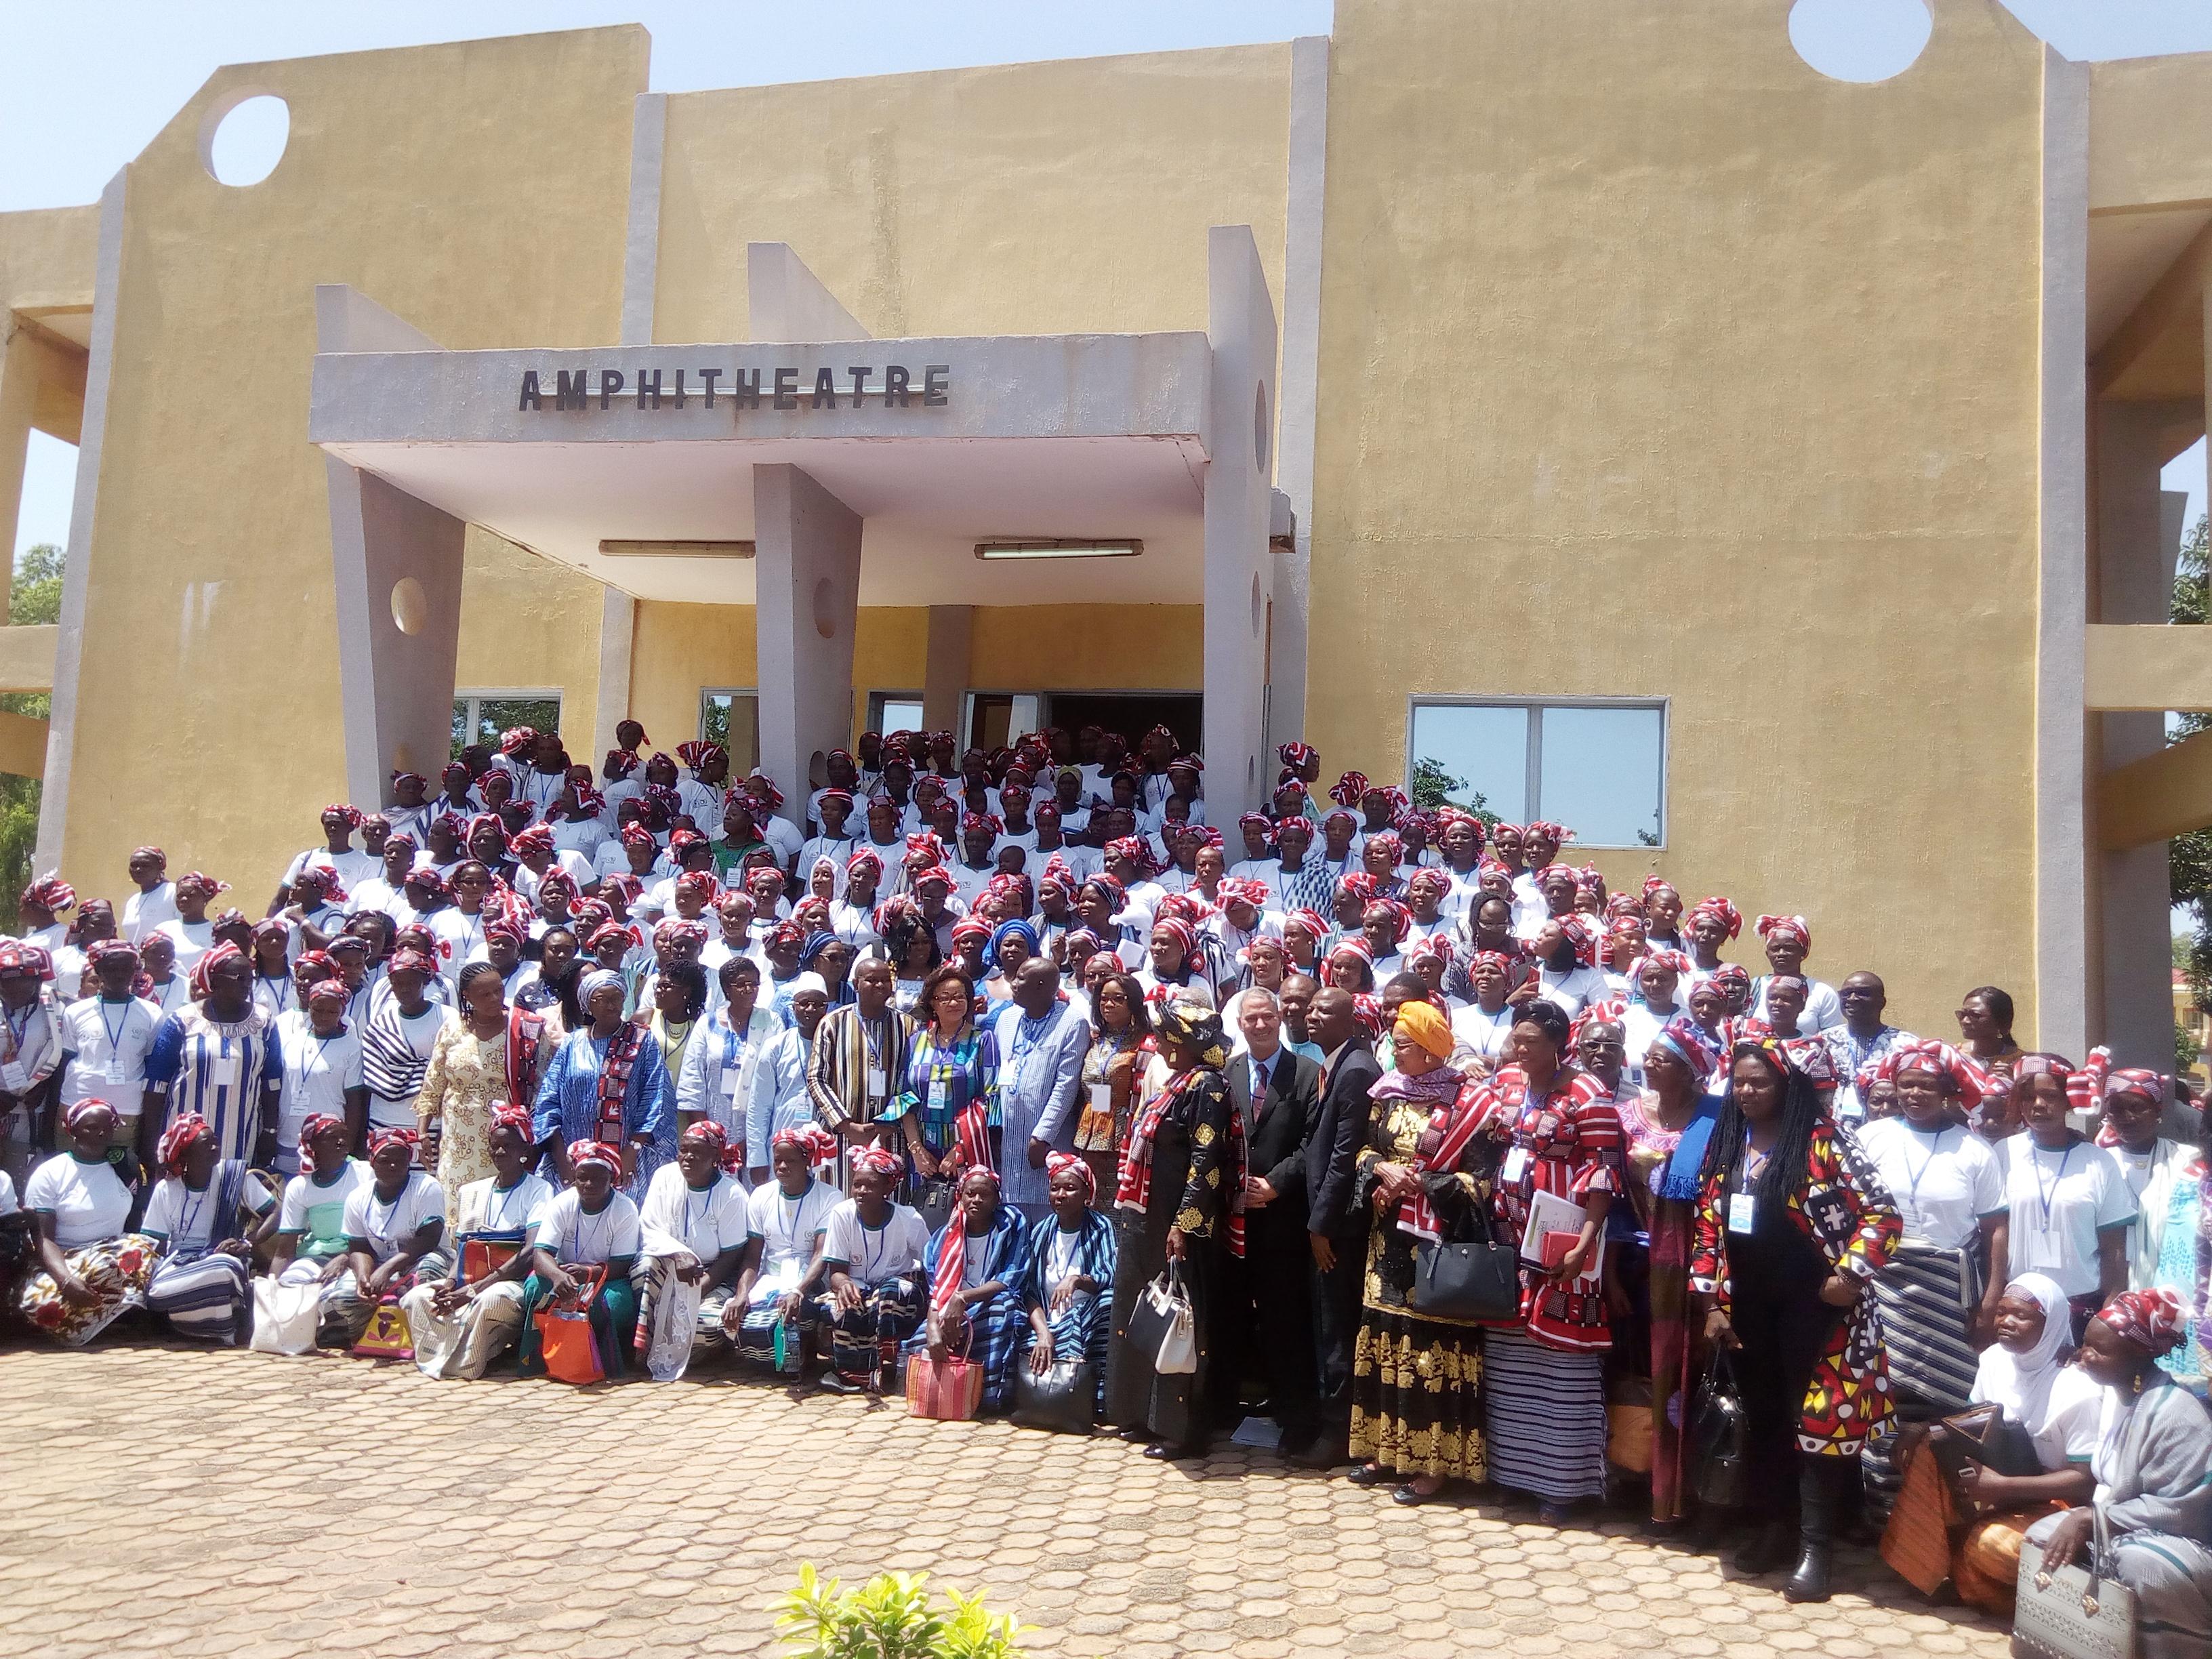 Déclaration de Bobo-Dioulasso pour l'allègement de la pénibilité des travaux agricoles de la femme rurale dans le cadre du lancement de la campagne : « Confinement de la houe manuelle au musée ».